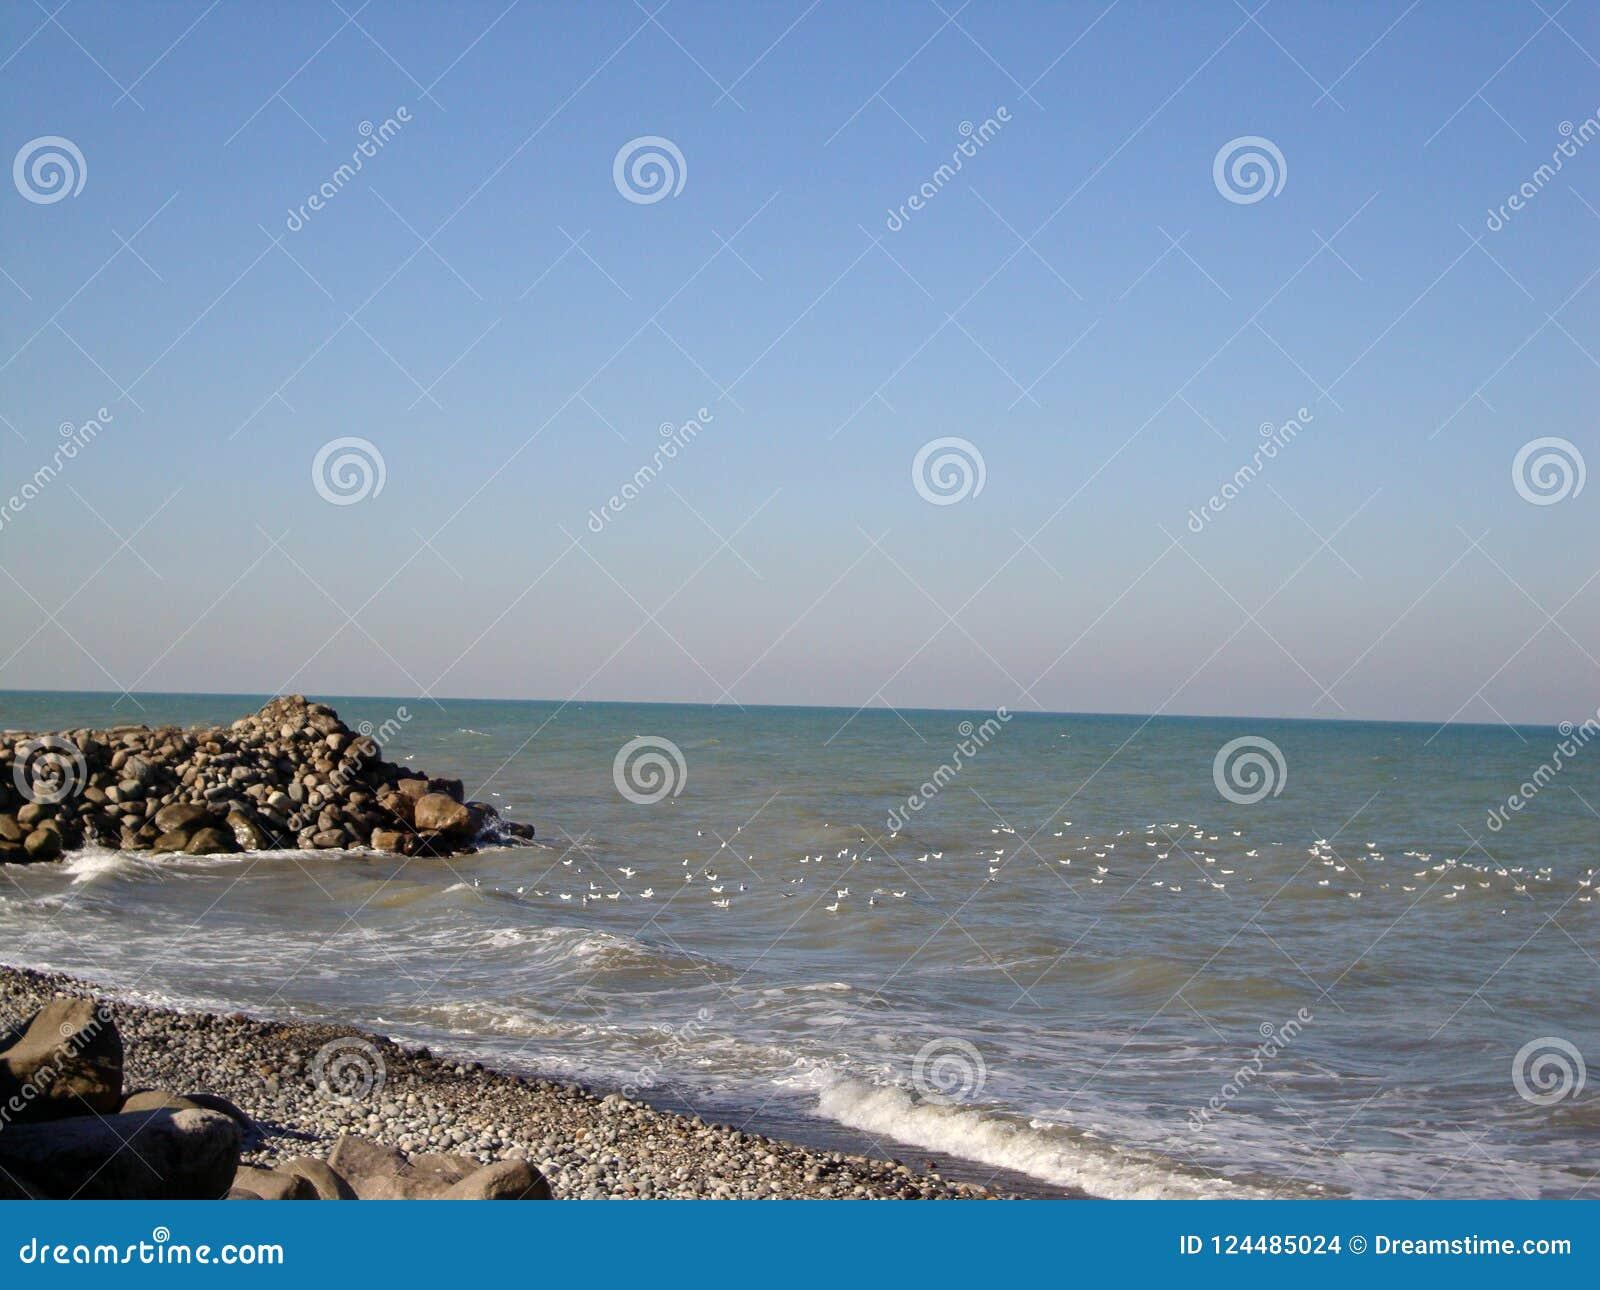 Birds in the caspian sea